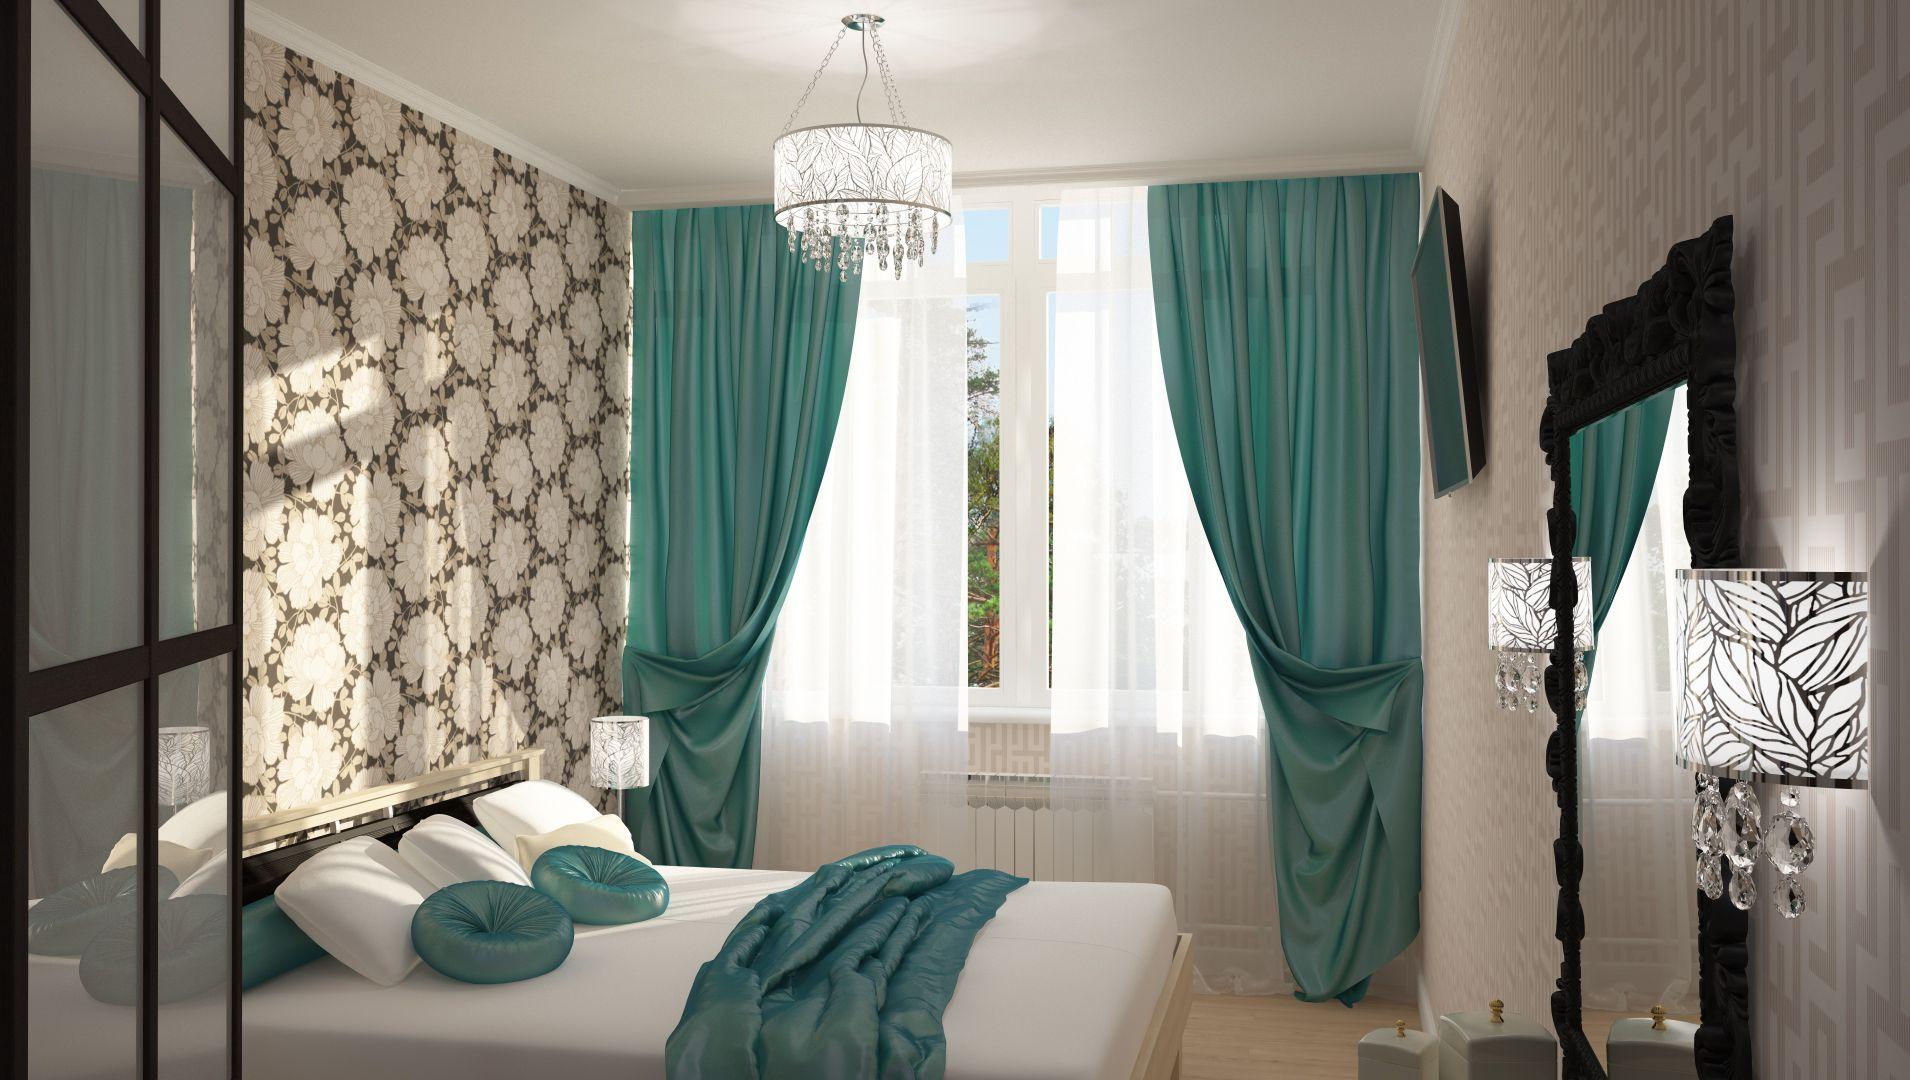 Шторы в гостиную (110 фото): дизайн занавесок и гардин в зал, красивые модели портьер в современном стиле, красивые идеи в бежевую, светлую или темную гостиную в квартире